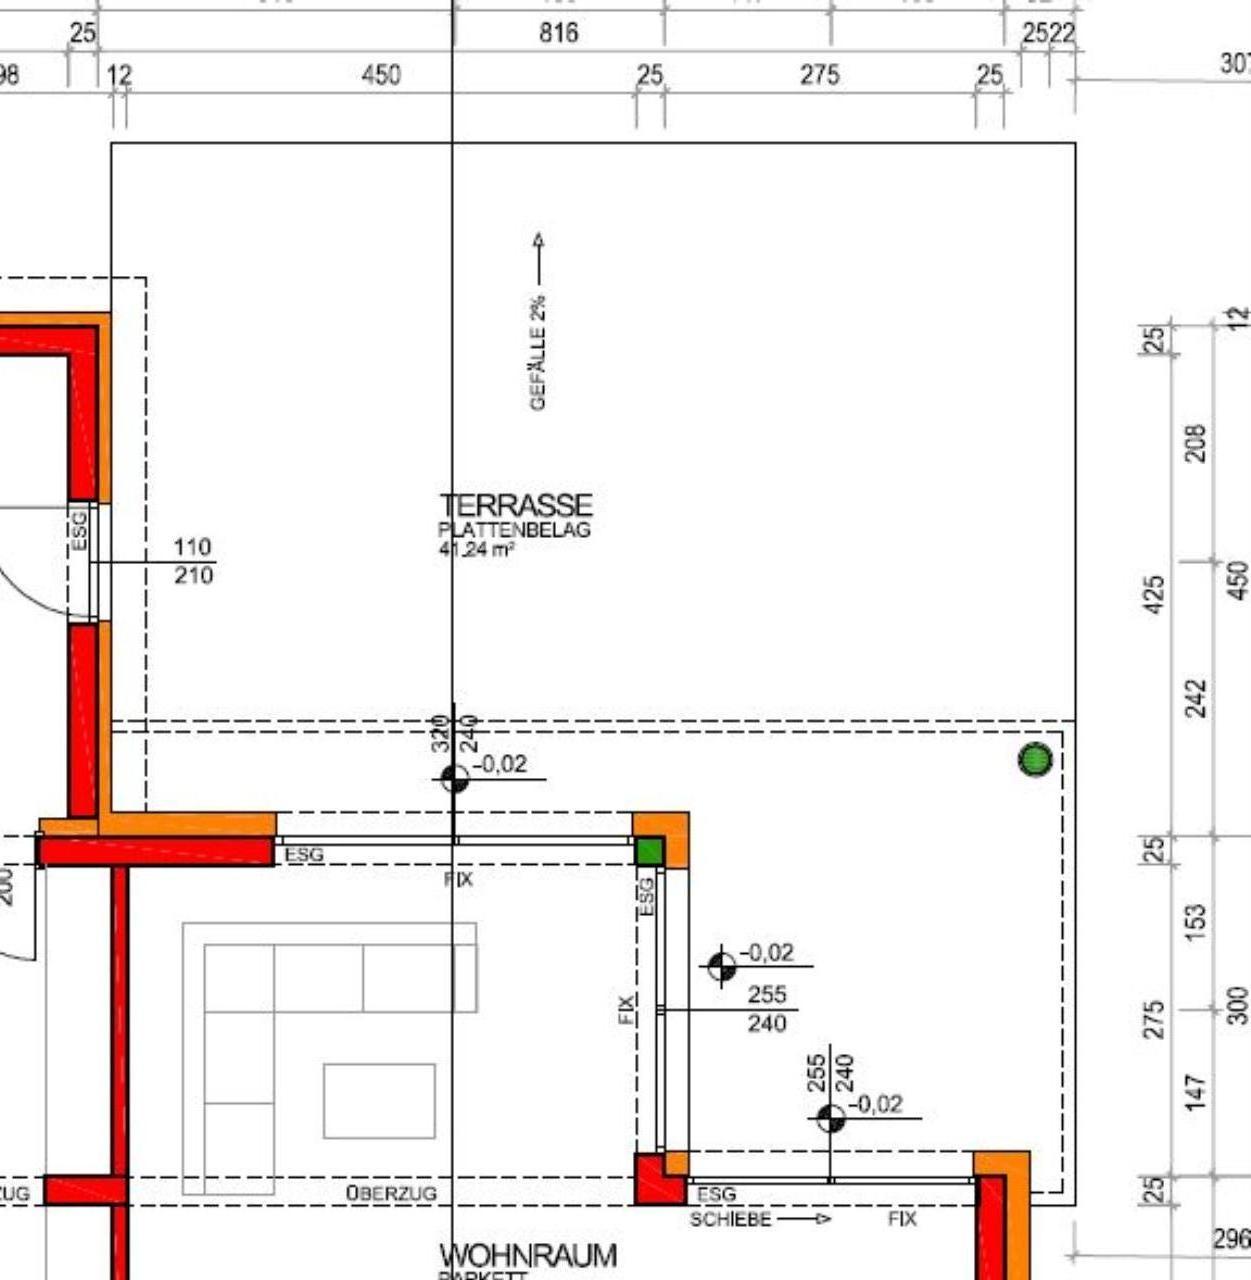 terrassenaufbau & gefälle   forum auf energiesparhaus.at